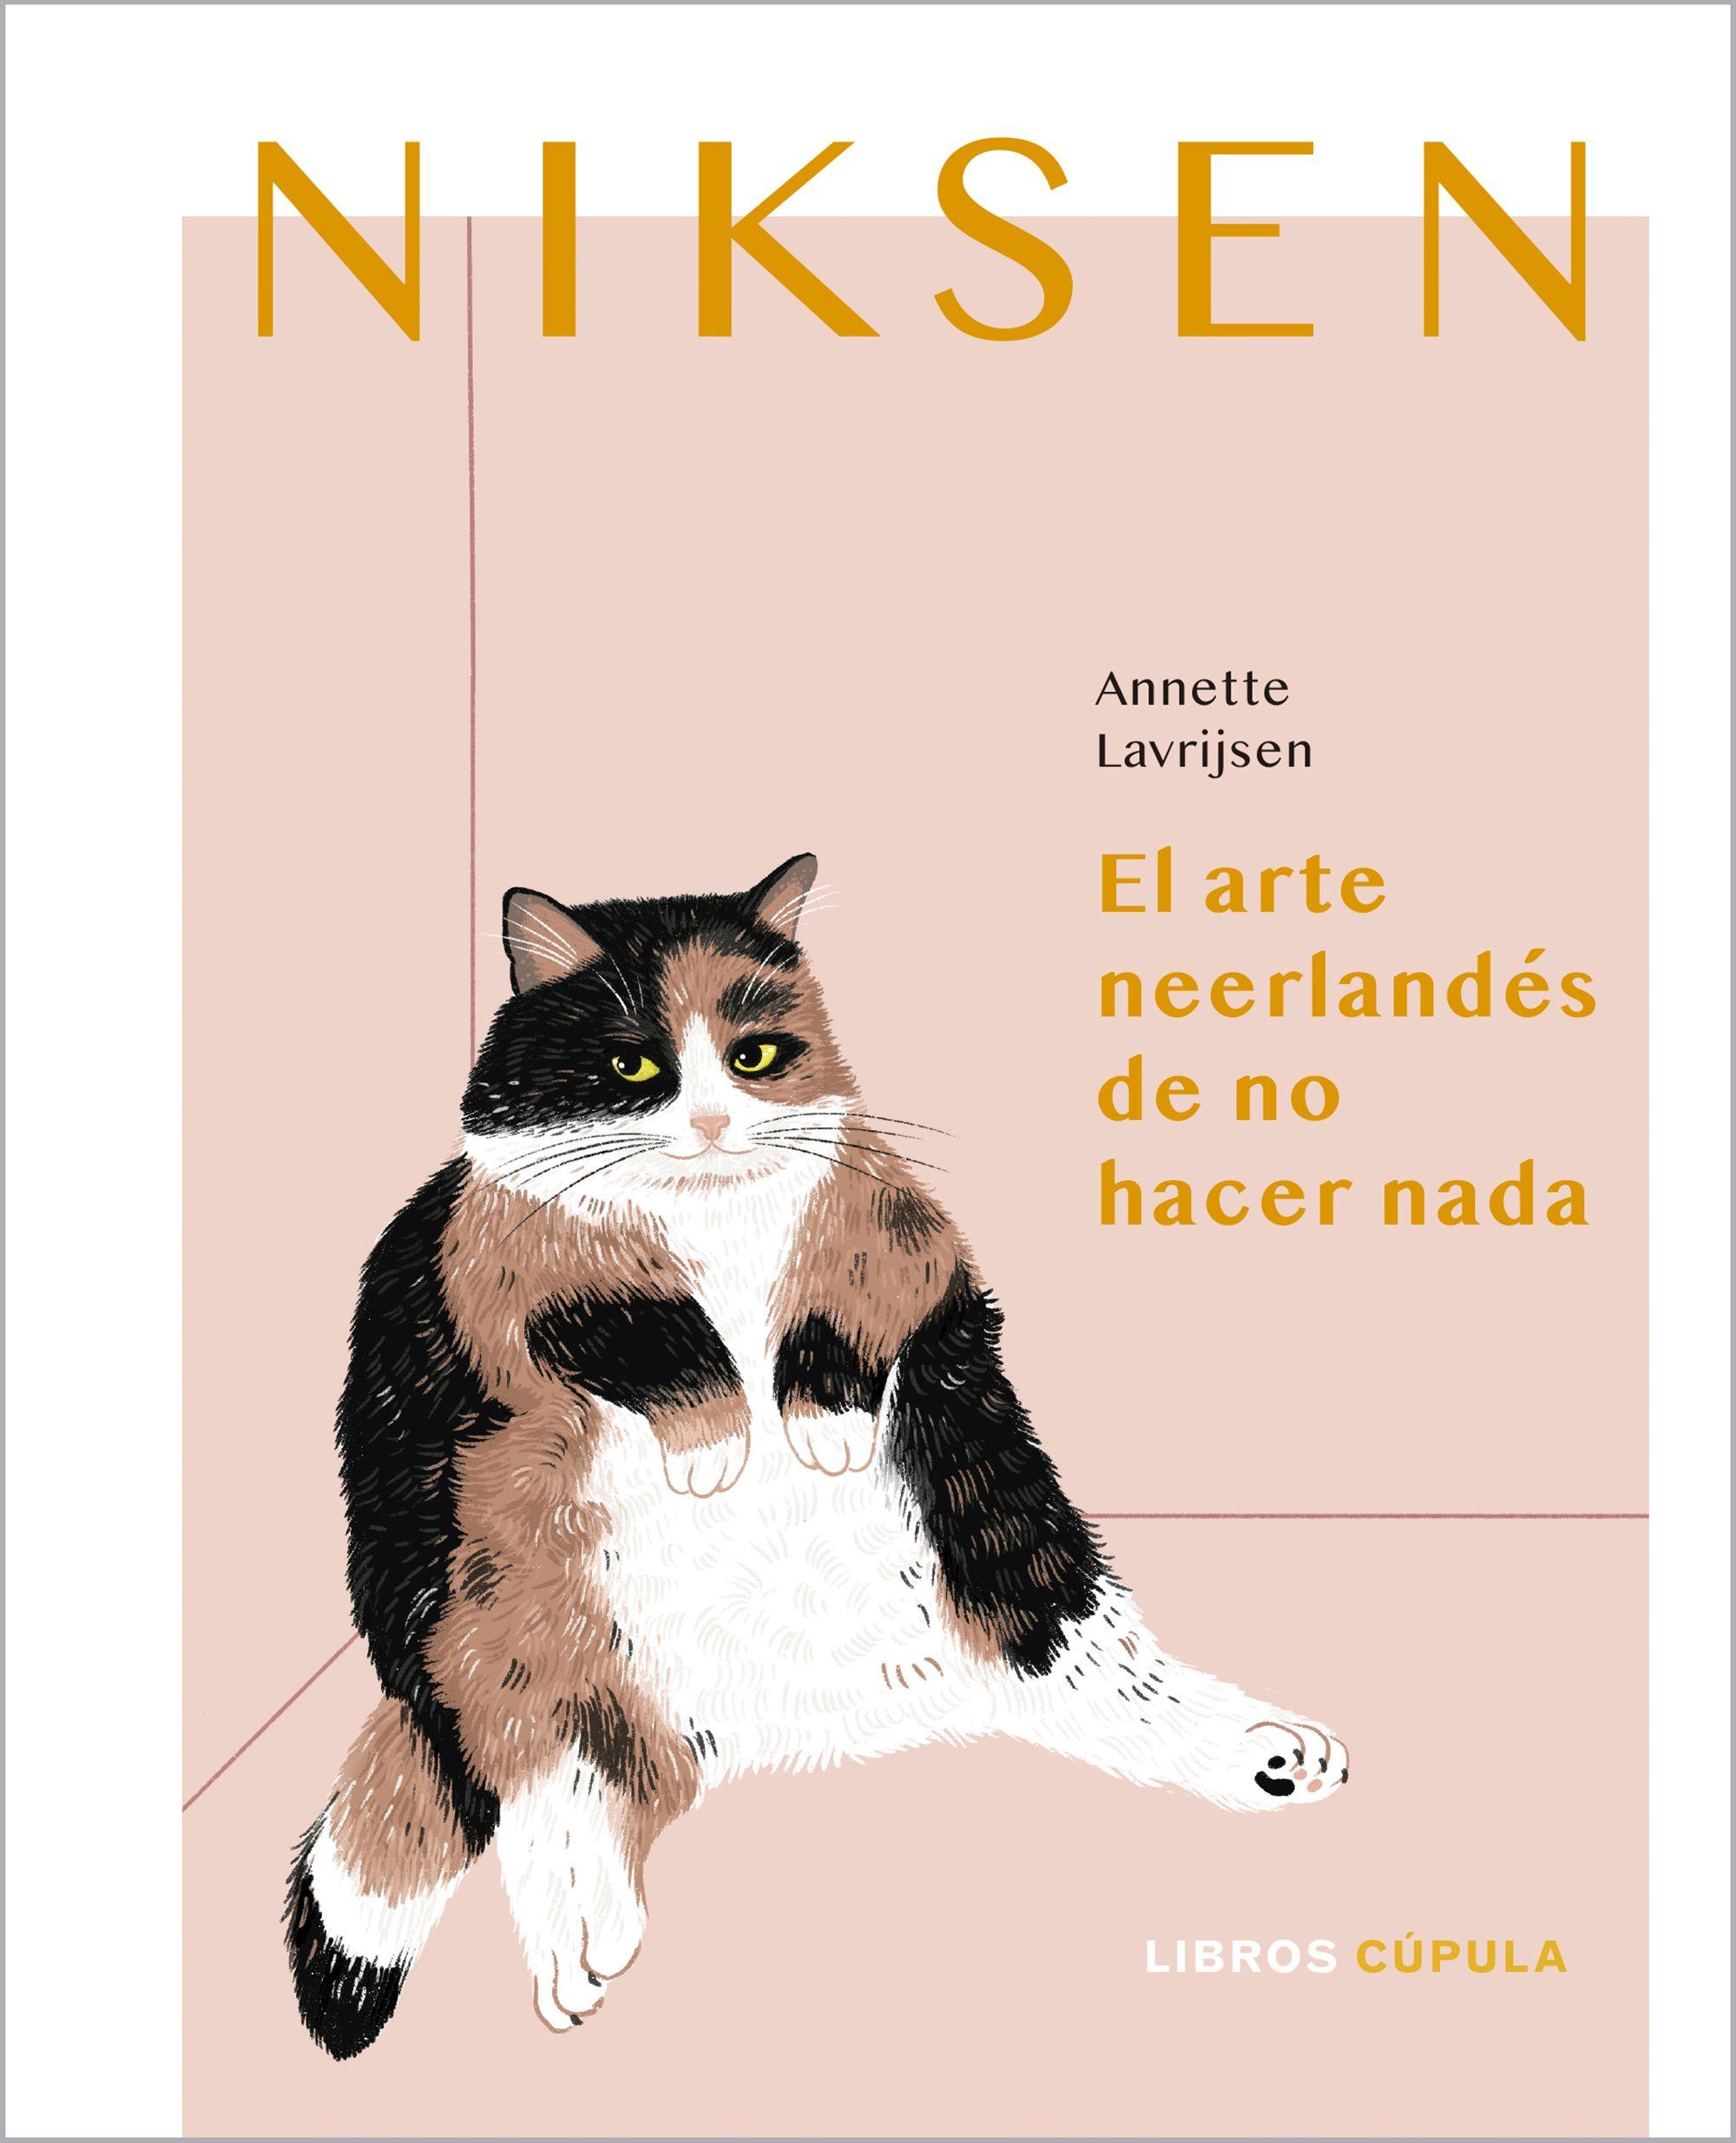 Niksen, el arte neerlandés de no hacer nada